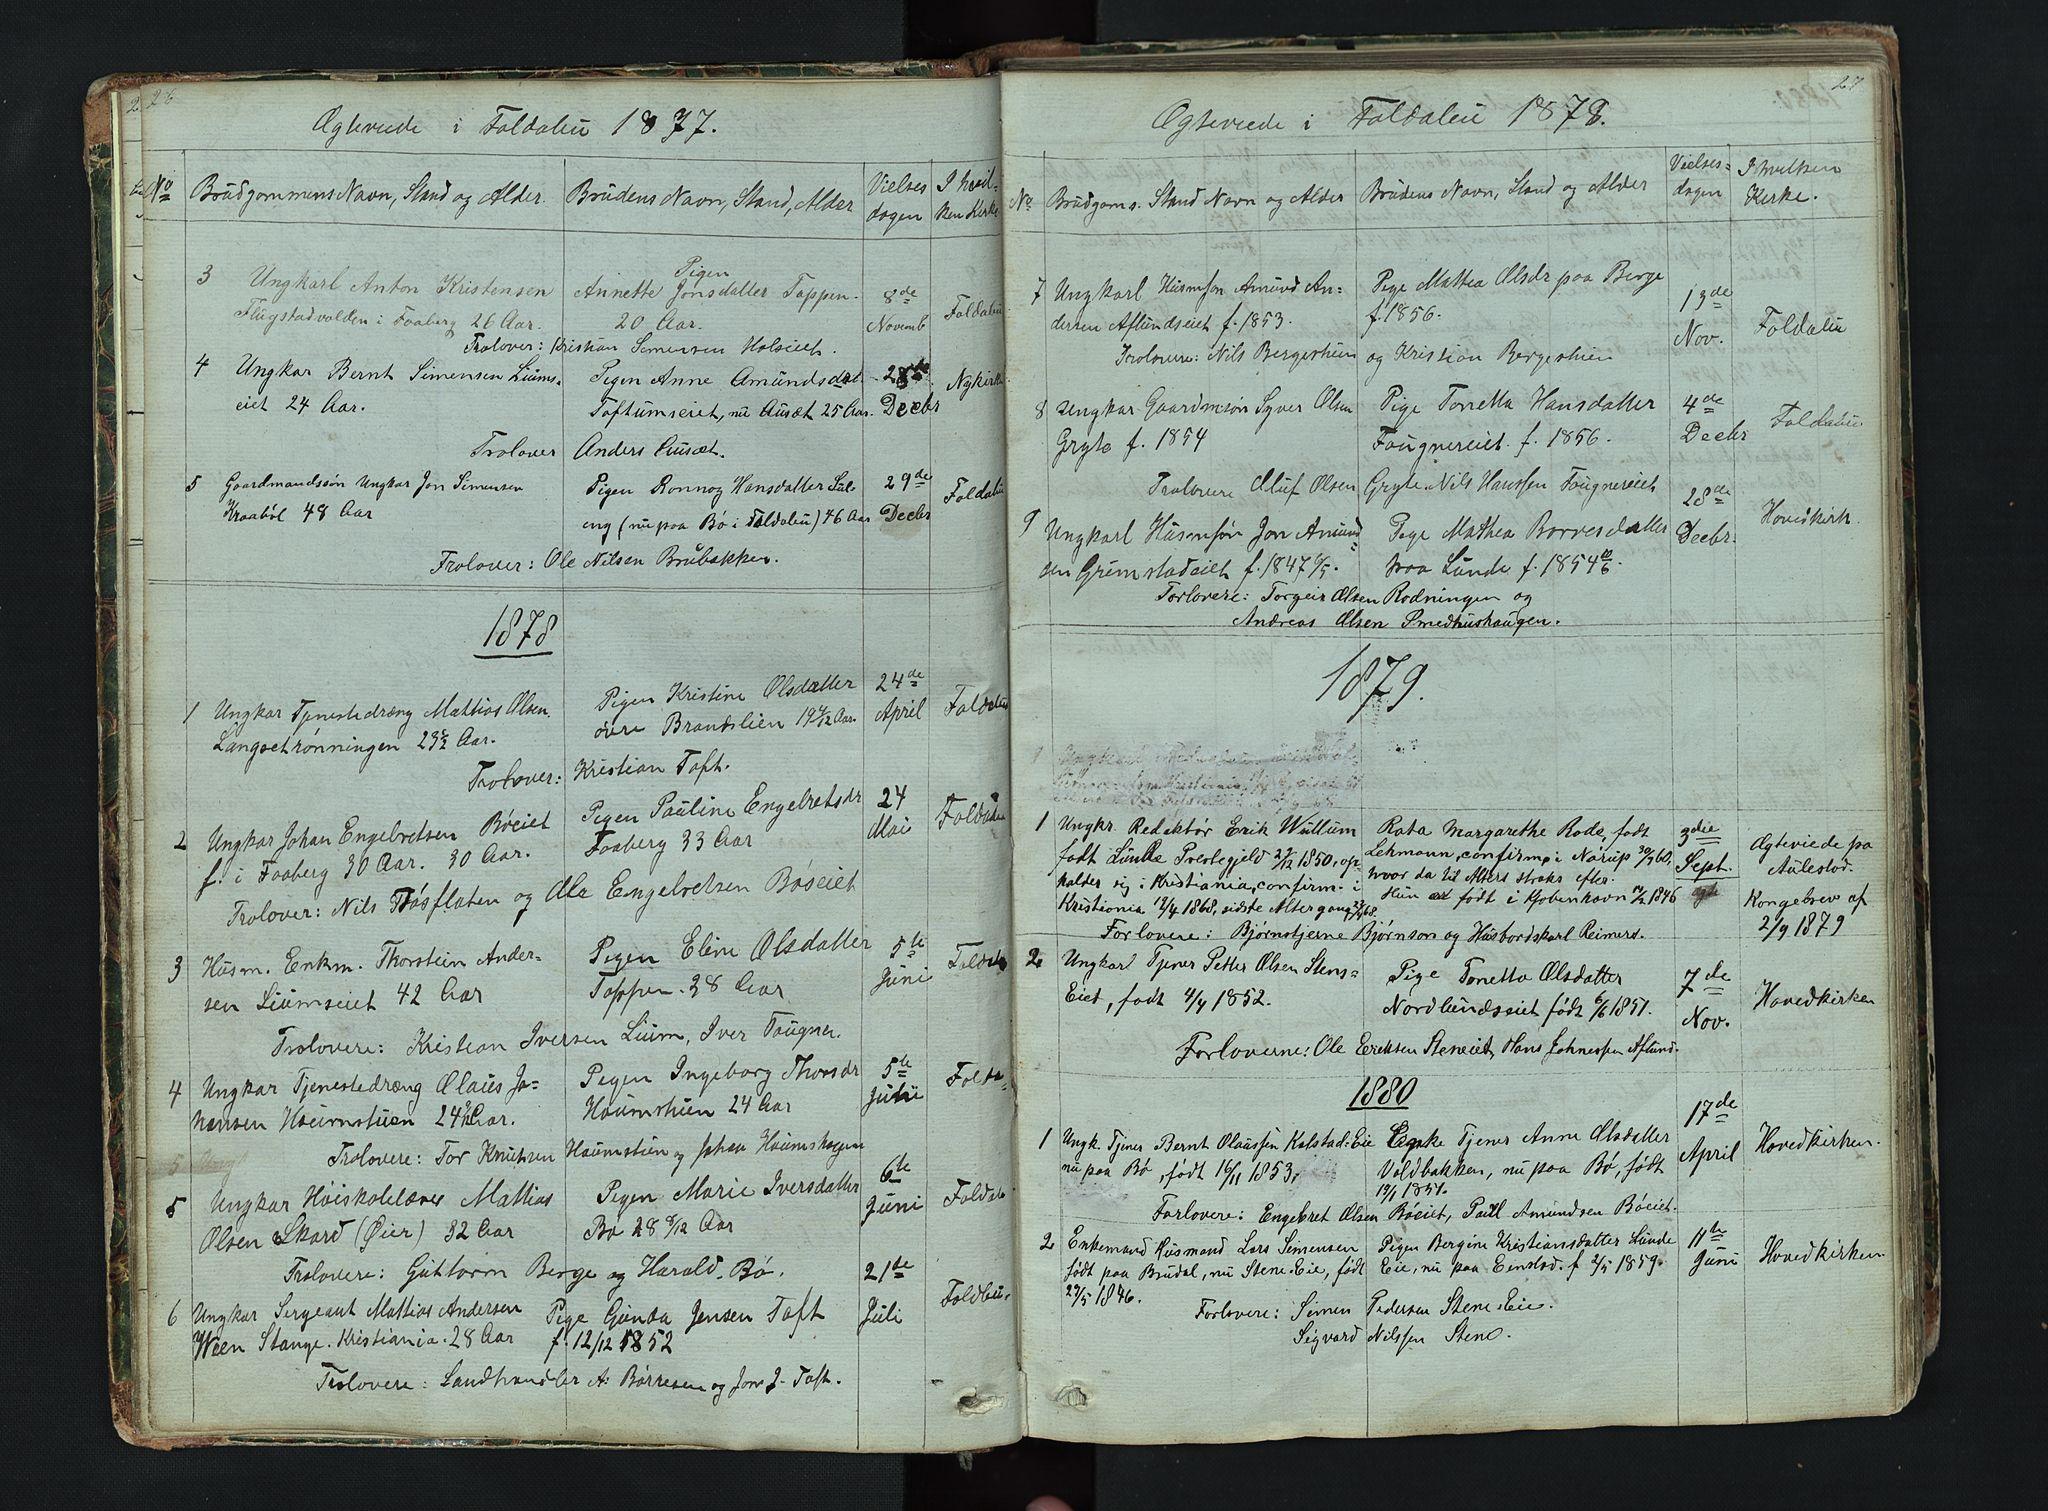 SAH, Gausdal prestekontor, Klokkerbok nr. 6, 1846-1893, s. 26-27